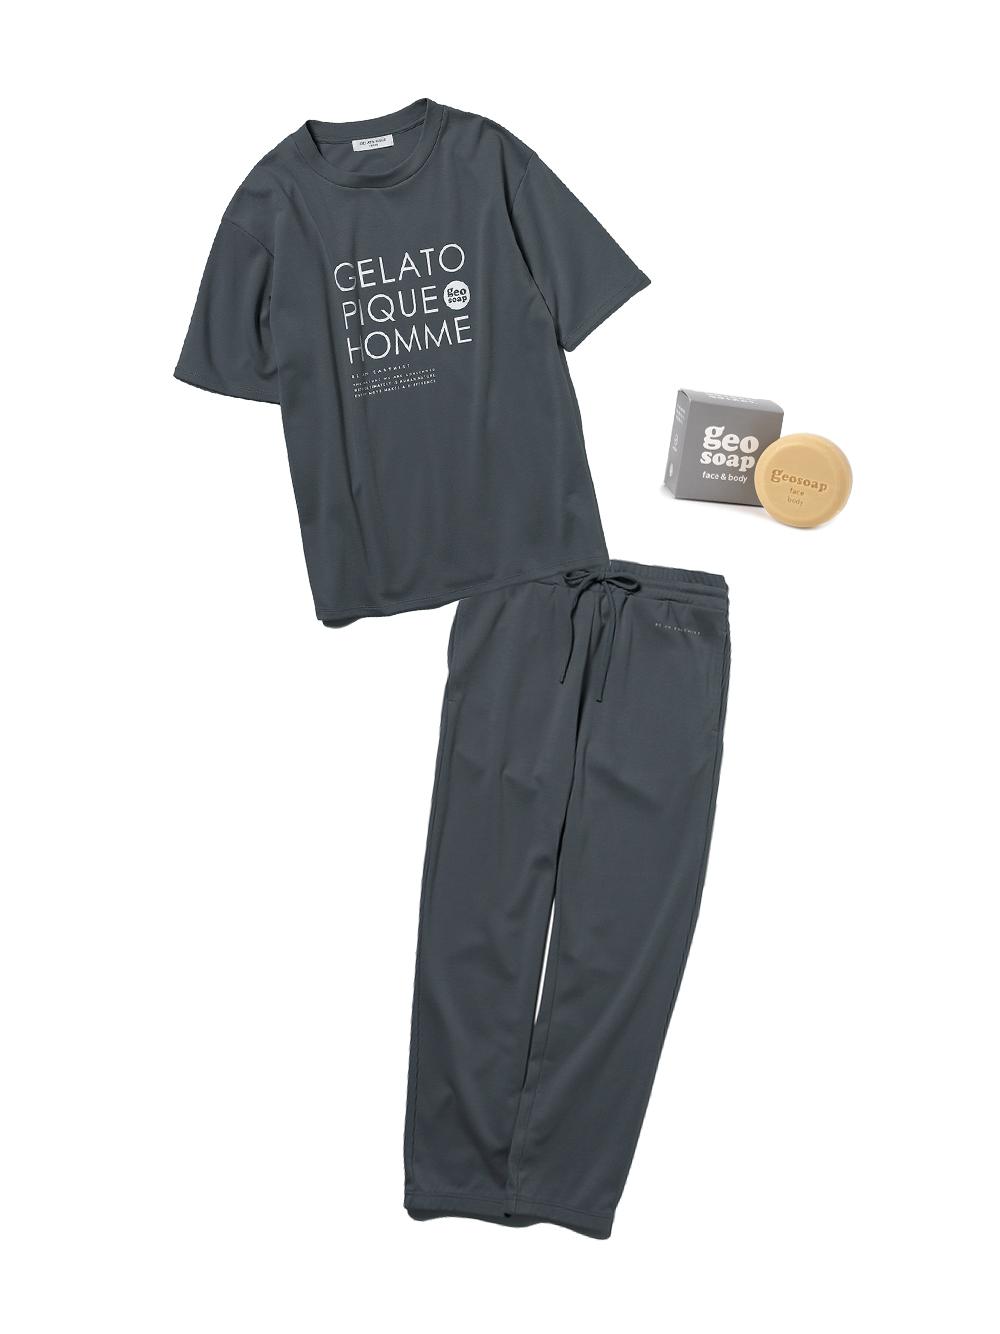 【ラッピング】【HOMME】【geo soap】ワンポイントTシャツ&ロングパンツSET(DGRY-M)